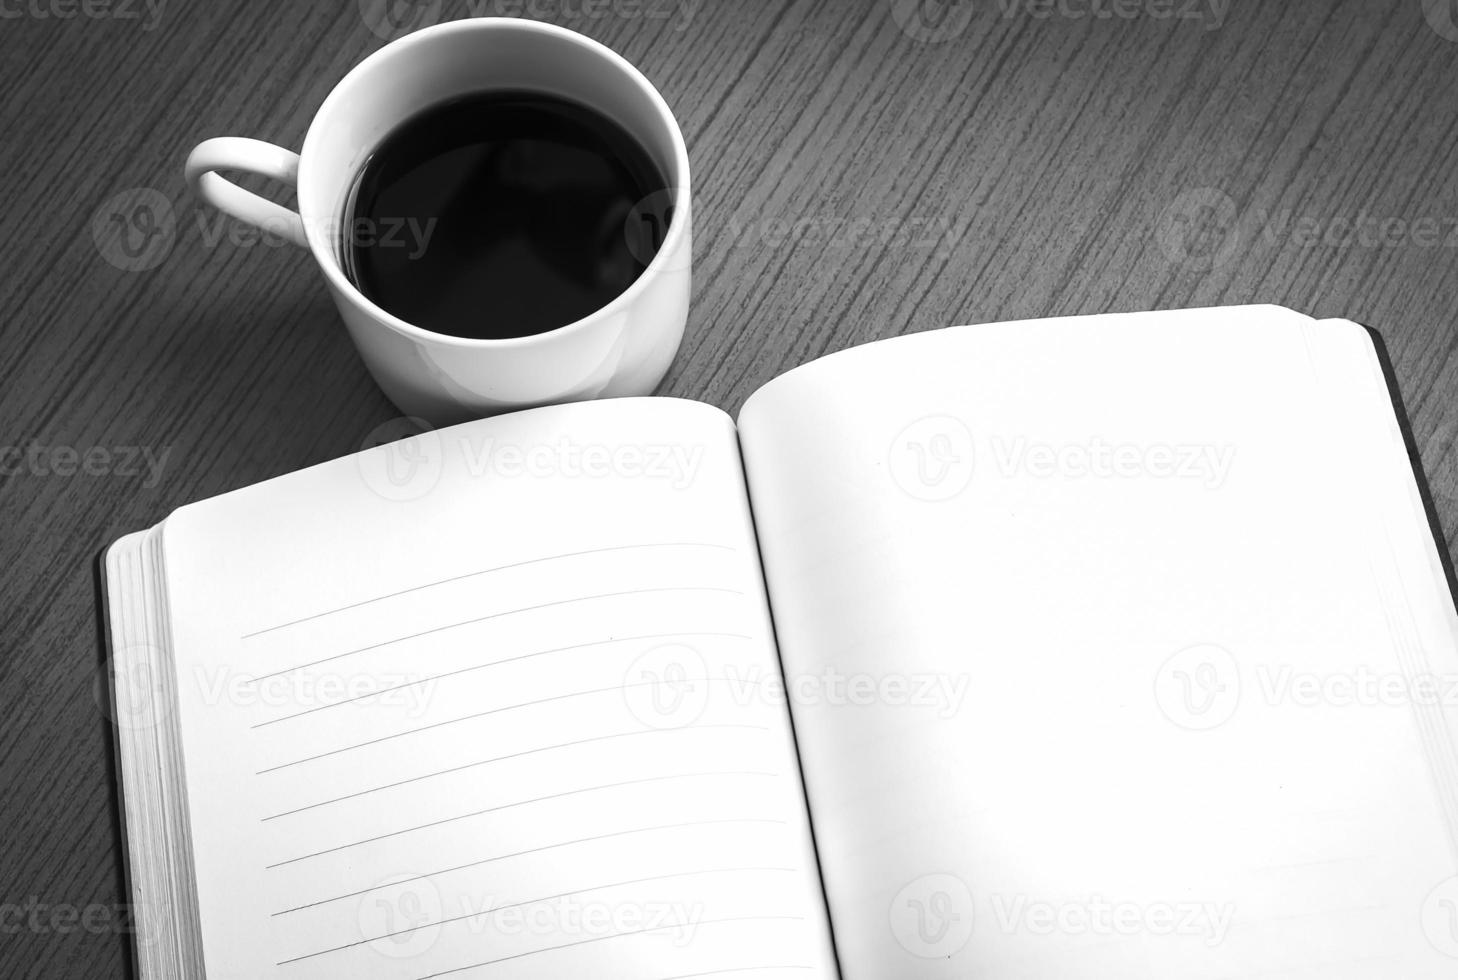 cuaderno vacío y café en la mesa de madera foto